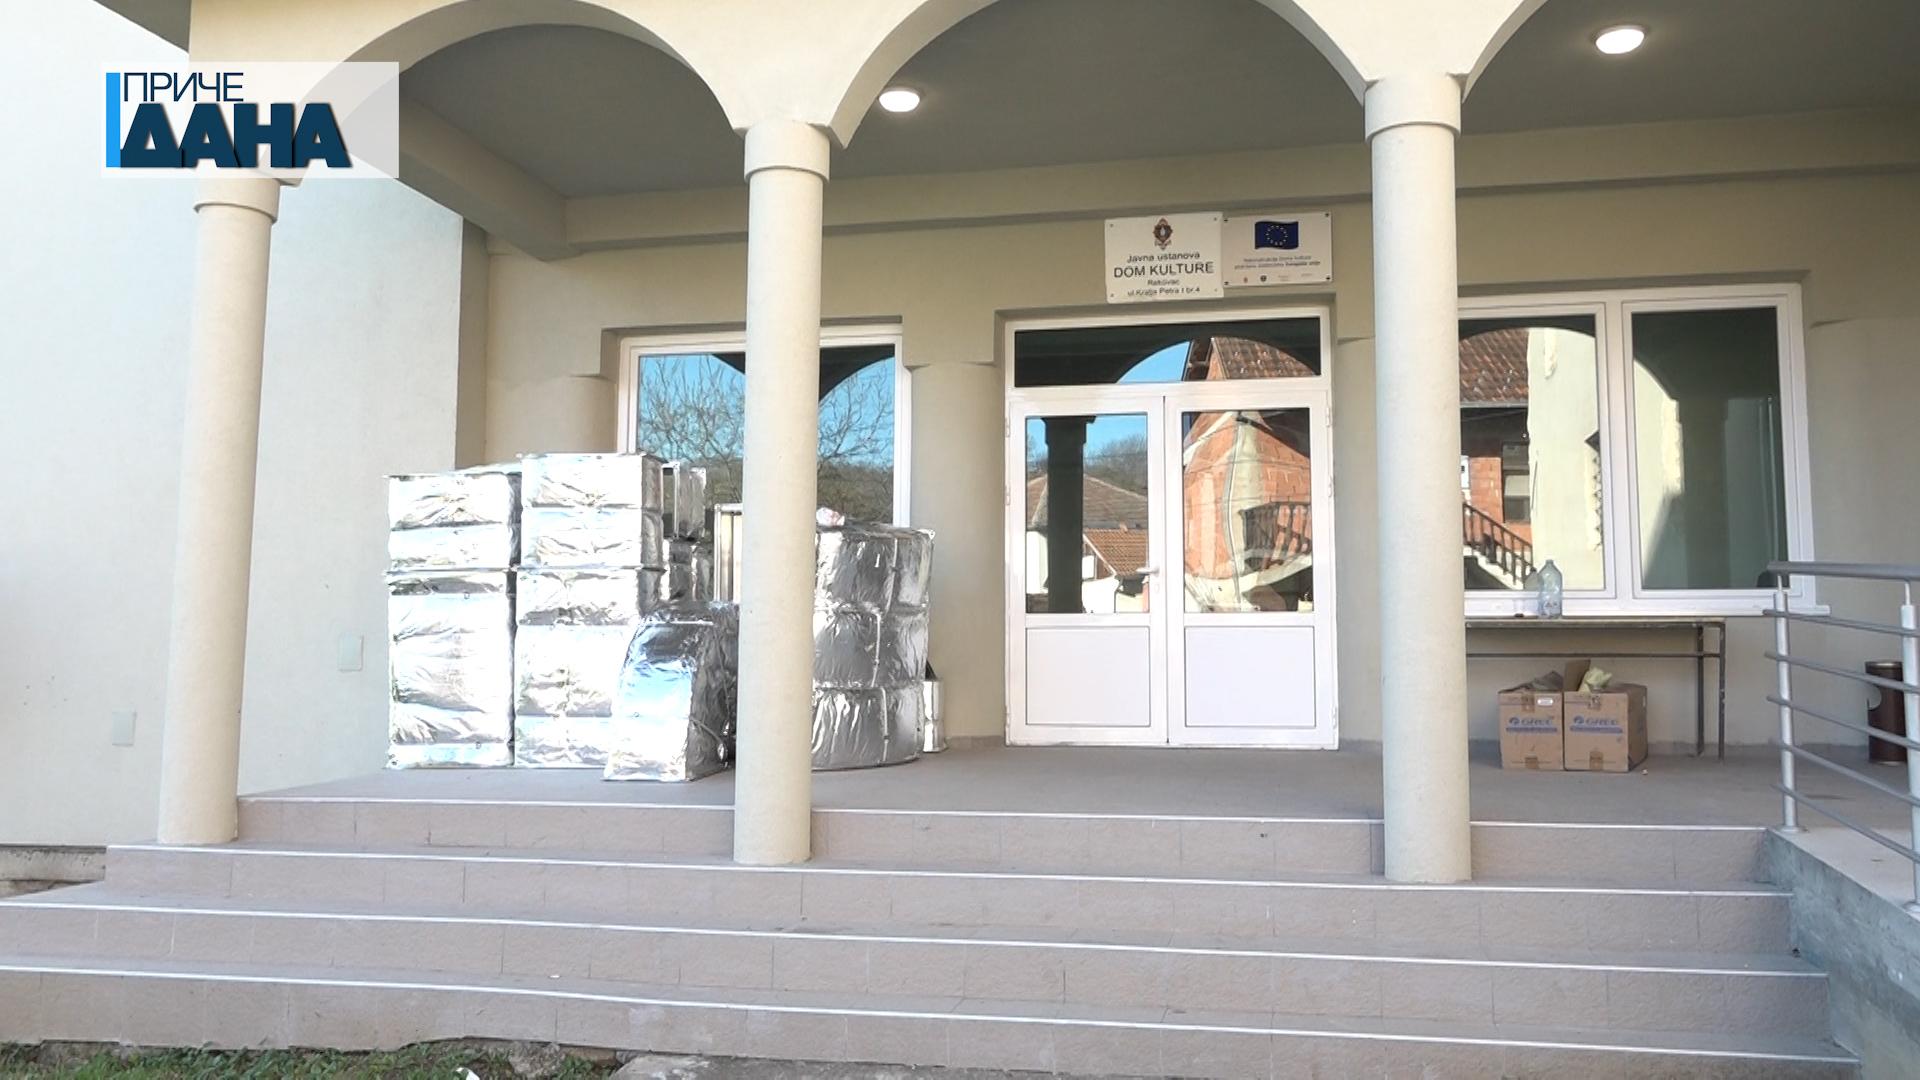 Završetak druge faze rekonstrukcije Doma kulture u Rekovcu